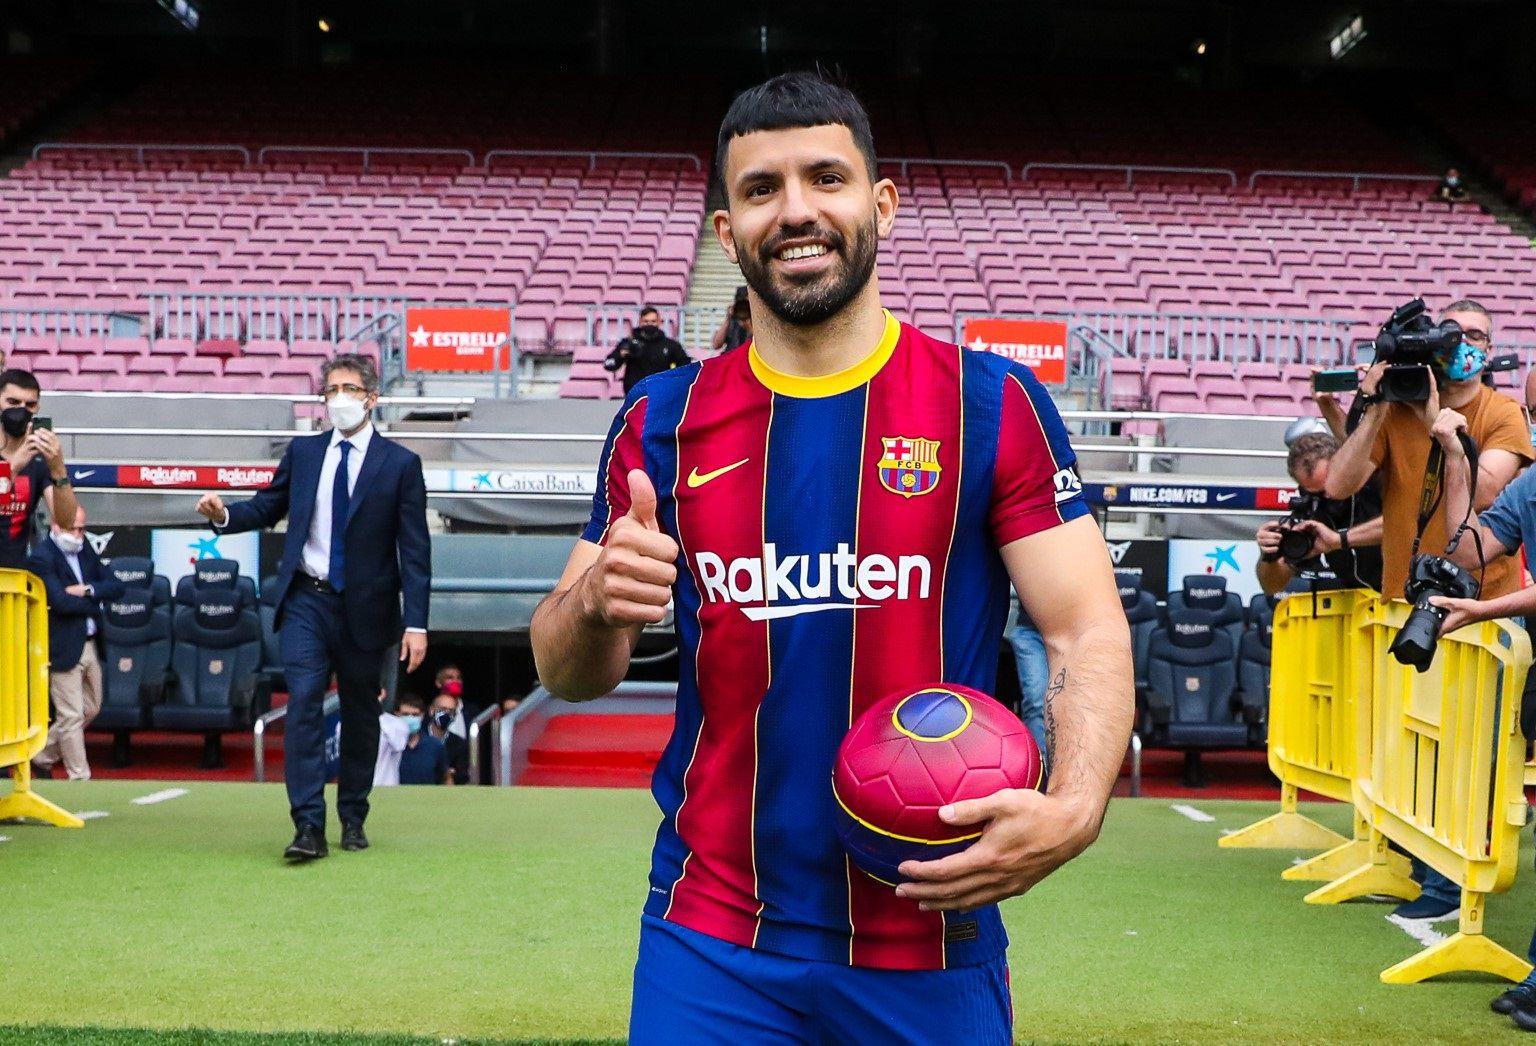 El Kun ya posó con la camiseta de su nuevo club (Foto: FC Barcelona)